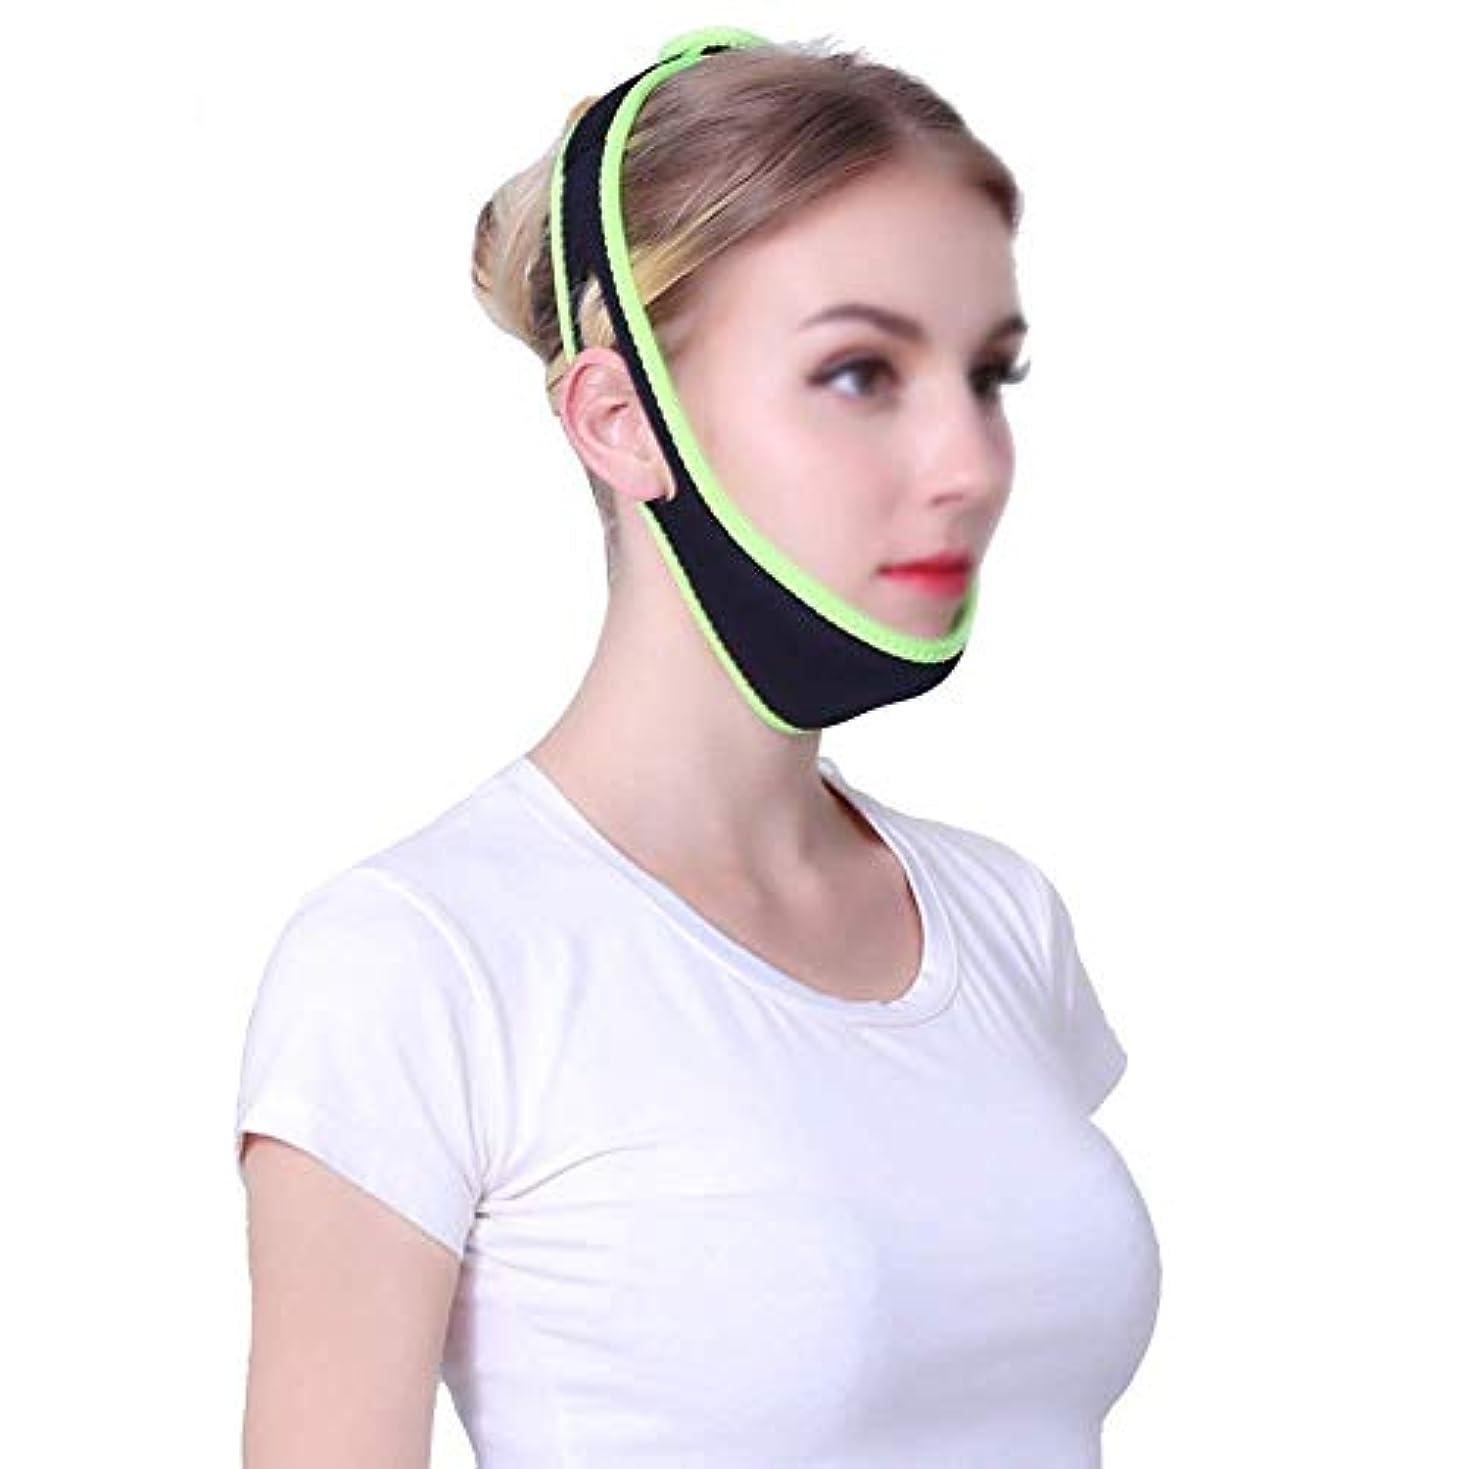 はずナット仮定引き締めフェイスマスク、小さなVフェイスアーティファクト睡眠リフティングマスク付き薄型フェイスバンデージマスク引き締めクリームフェイスリフトフェイスメロンフェイス楽器